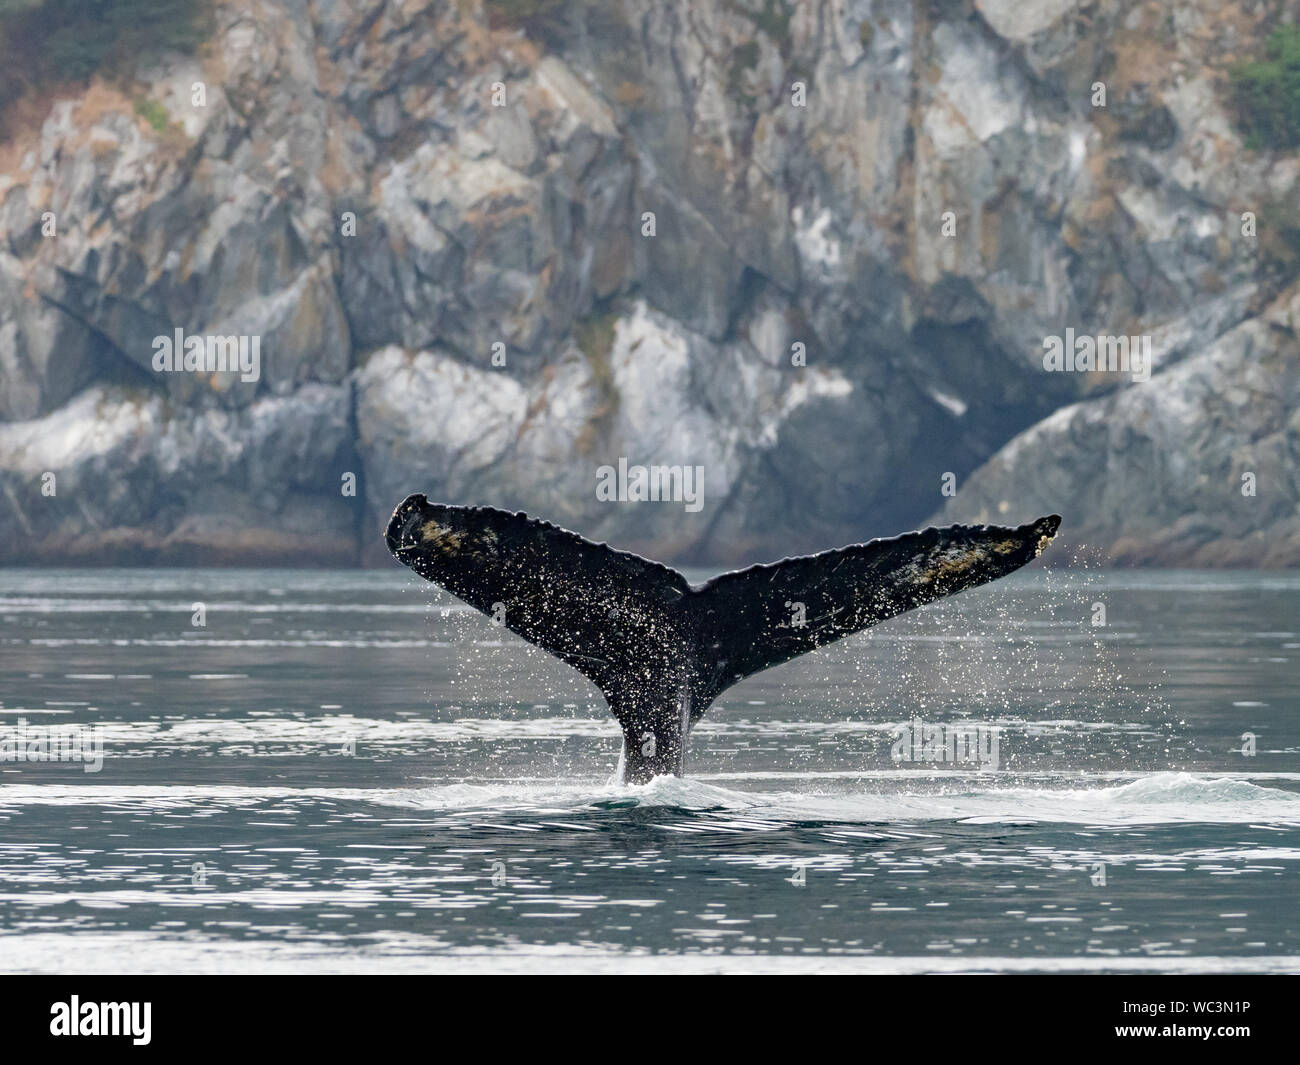 Rorqual à bosse, Megaptera novaeangliae, plongée et montrant sa queue nageoire dans l'océan dans le passage de l'intérieur sud-est de l'Alaska Banque D'Images